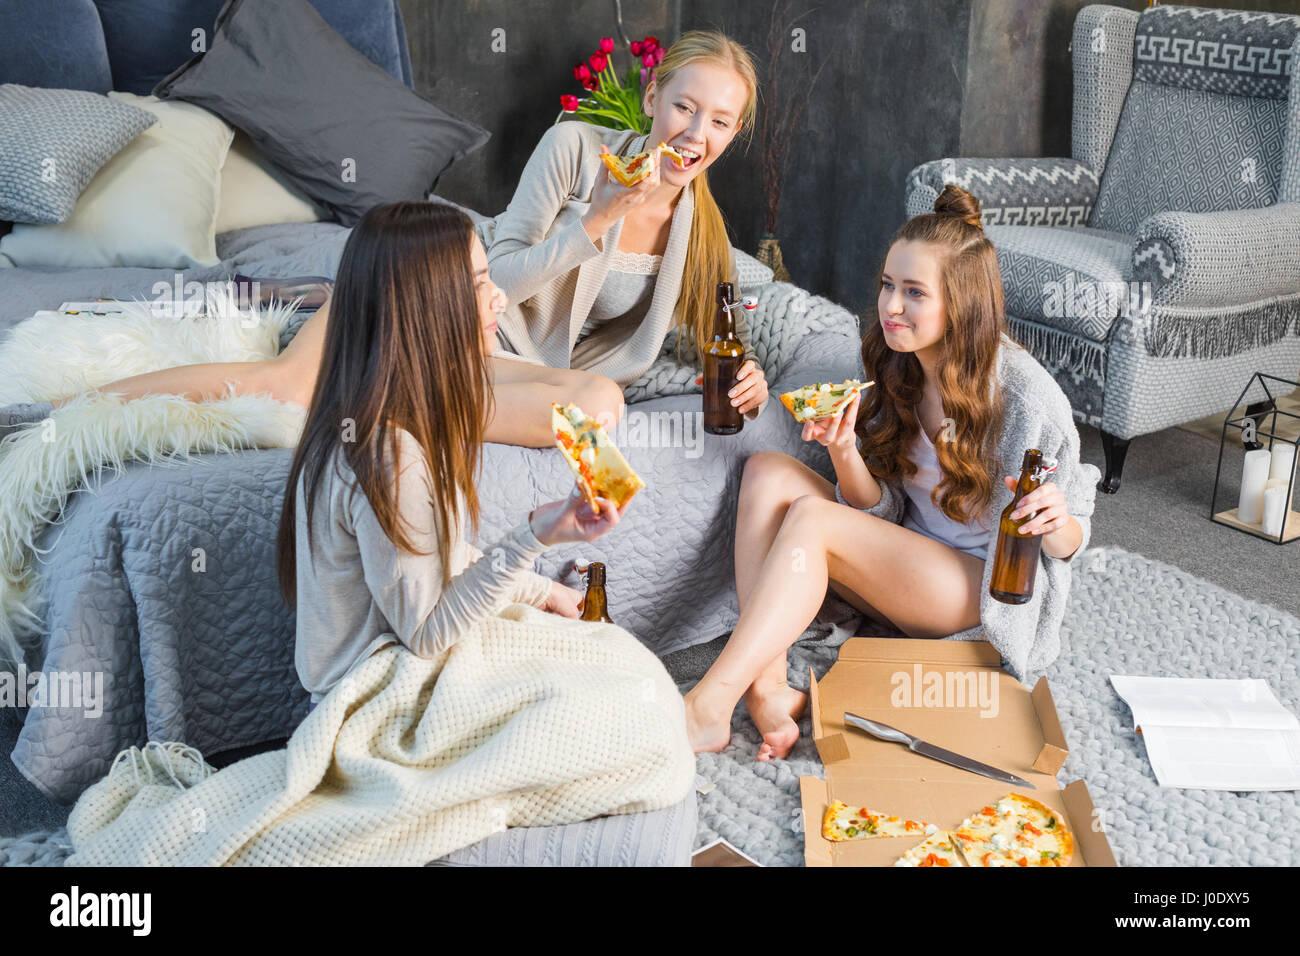 Tre giovani sorridente amiche di mangiare pizza e bere birra in